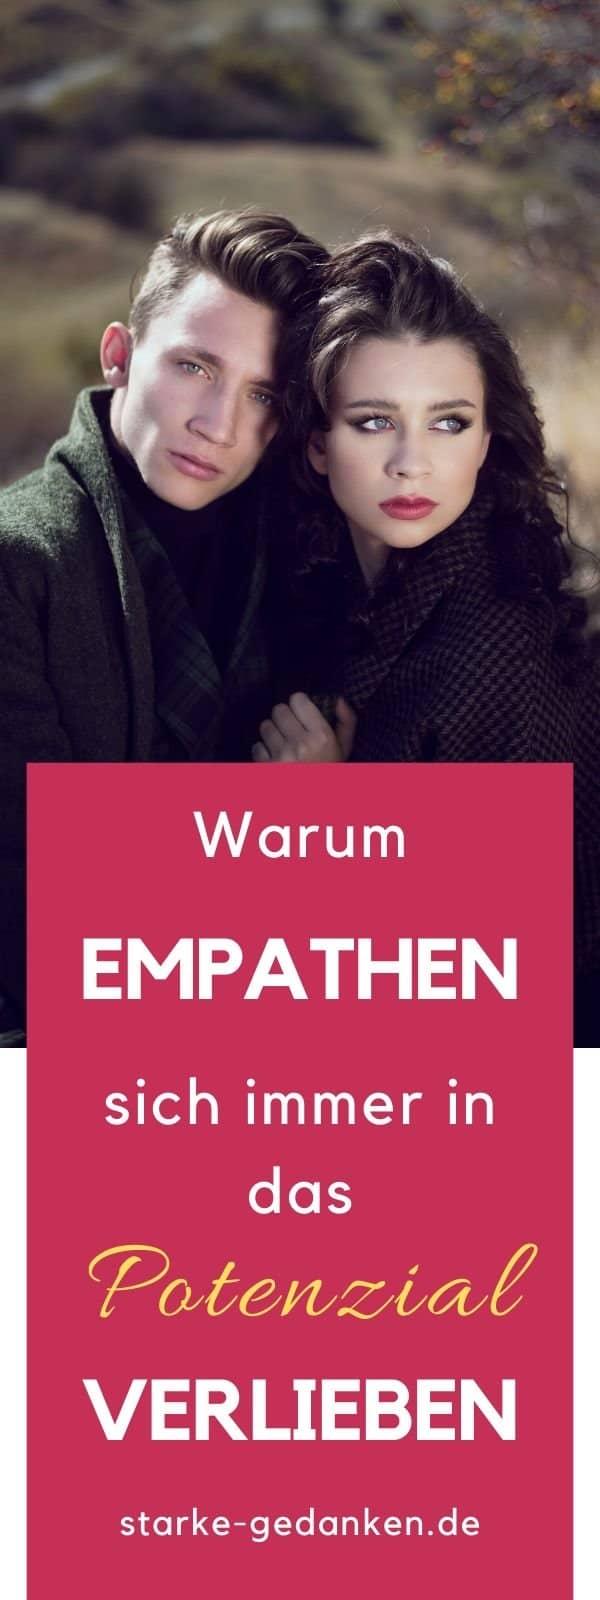 Warum Empathen sich immer in das Potenzial verlieben